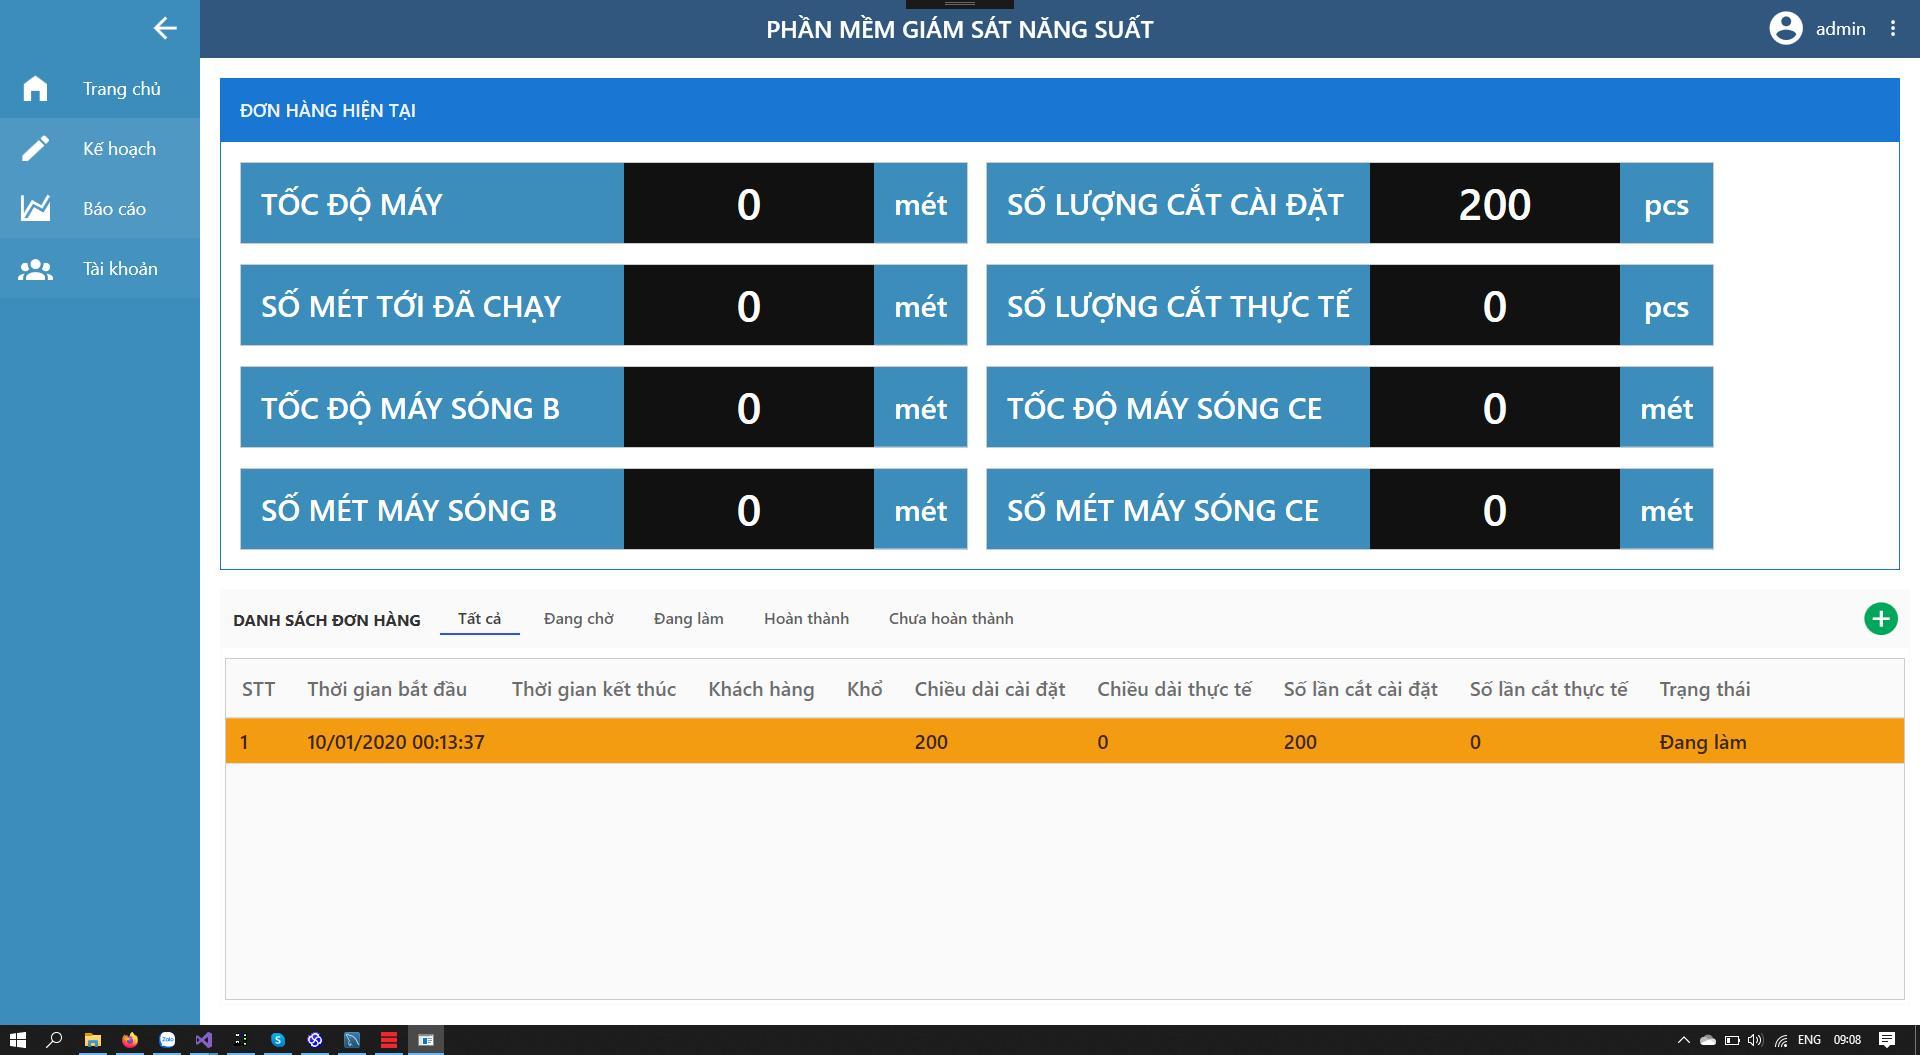 Phần mềm giám sát năng suất - Giao diện hiển thị/Display